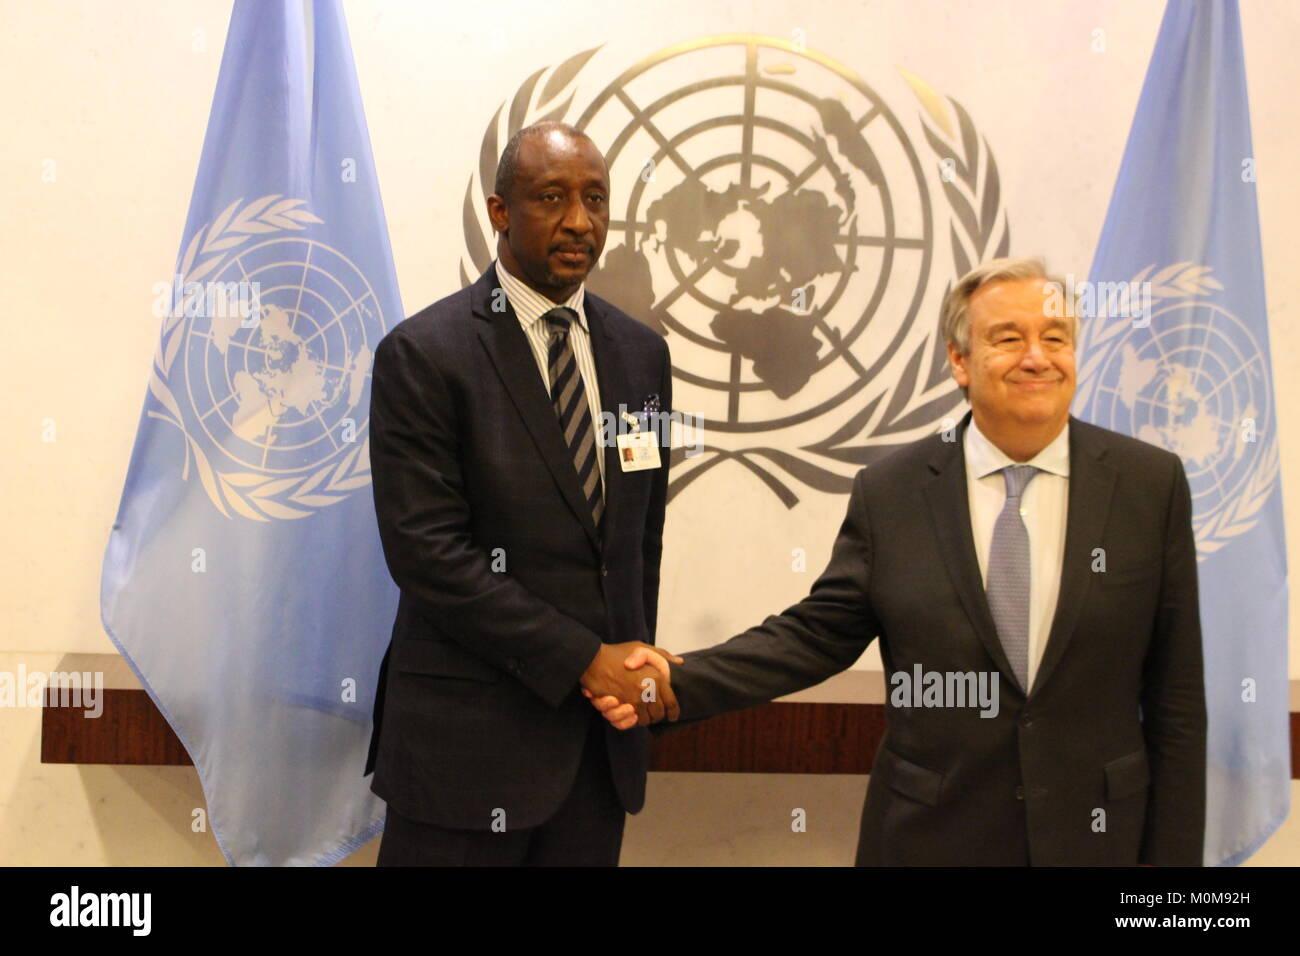 UN, New York, USA. 22nd Jan, 2018. UN Sec-Gen Antonio Guterres met Mali's Foreign Minister Tieman Hubert Coulibaly.Stock Photo